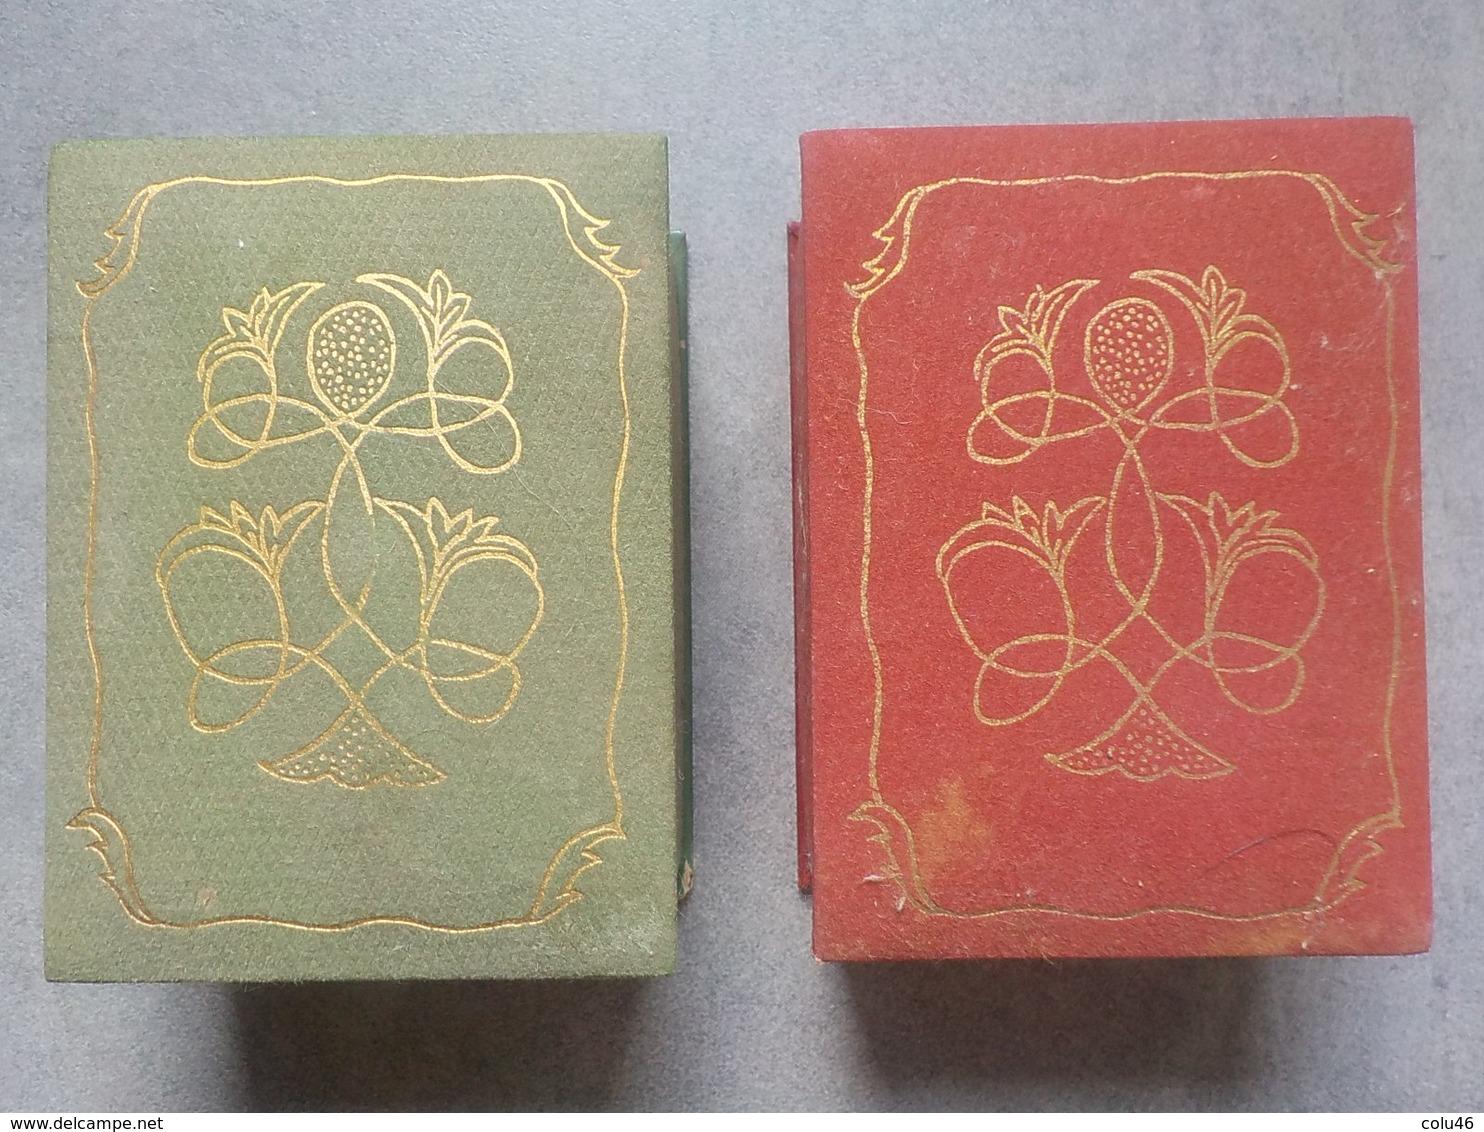 2 Boîtes Anciennes Rares Vides Pour Parfum Ancien Fleur Stylisée - Miniatures Anciennes (jusque 1960)